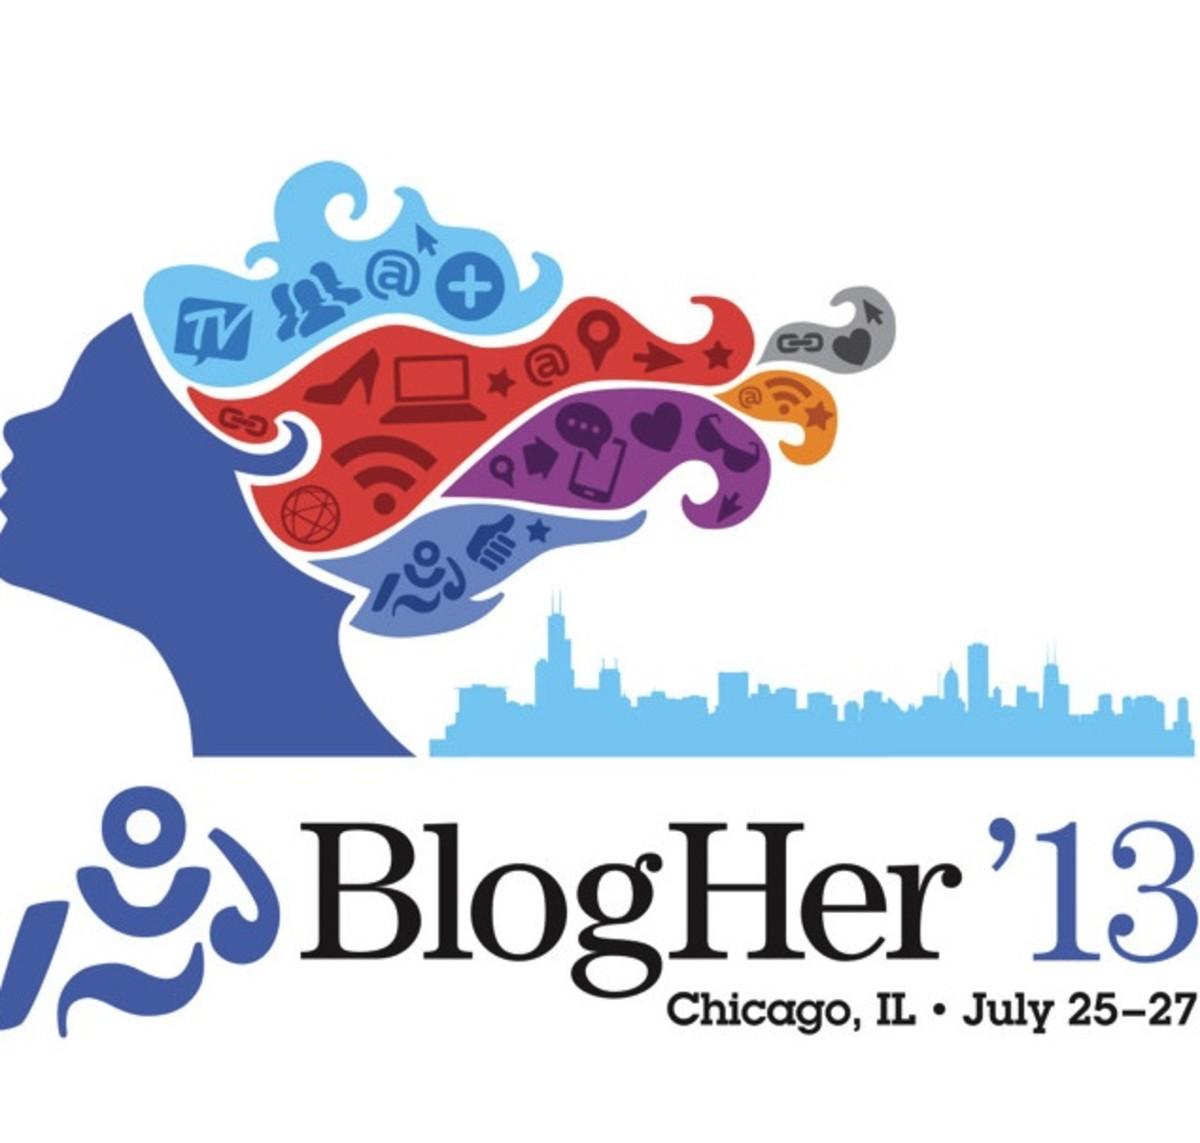 blogging conference, blogher13, blogs for moms